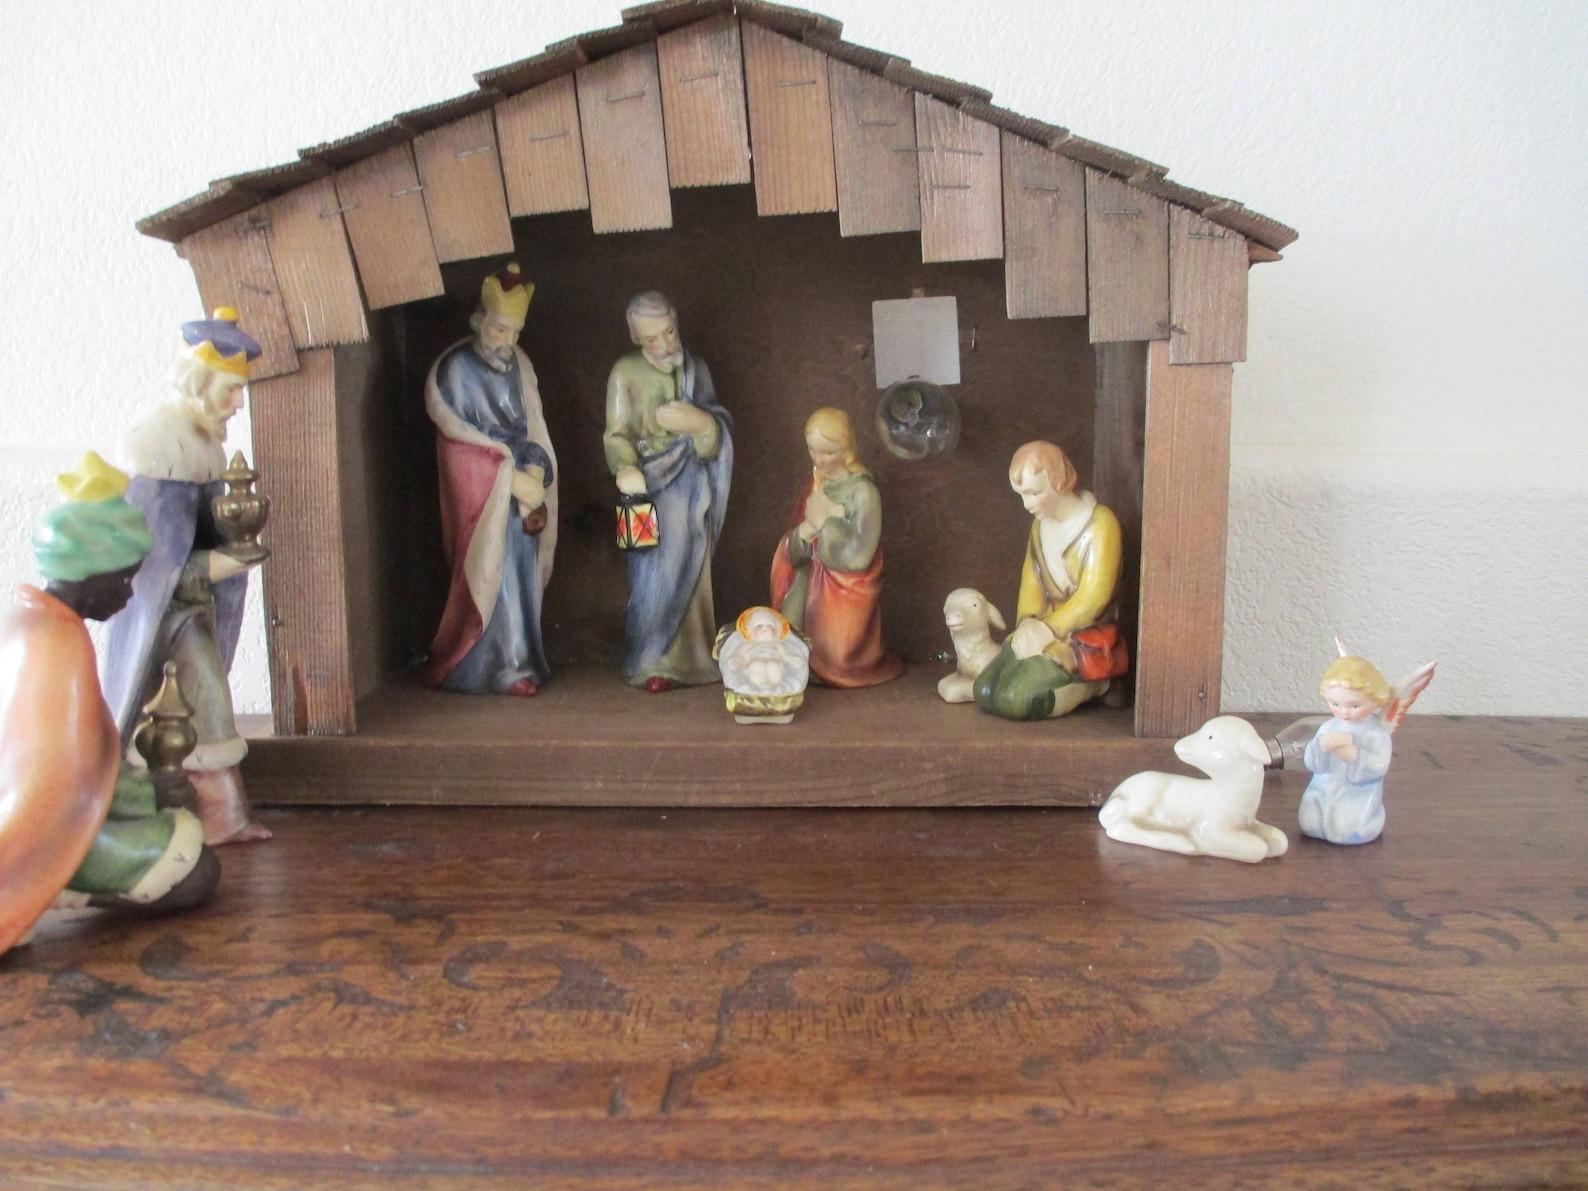 Rare Vintage Goebel Hummel Christmas Manger Nativity Scene w/ Lighted Manger Germany SUPER SALE!!!